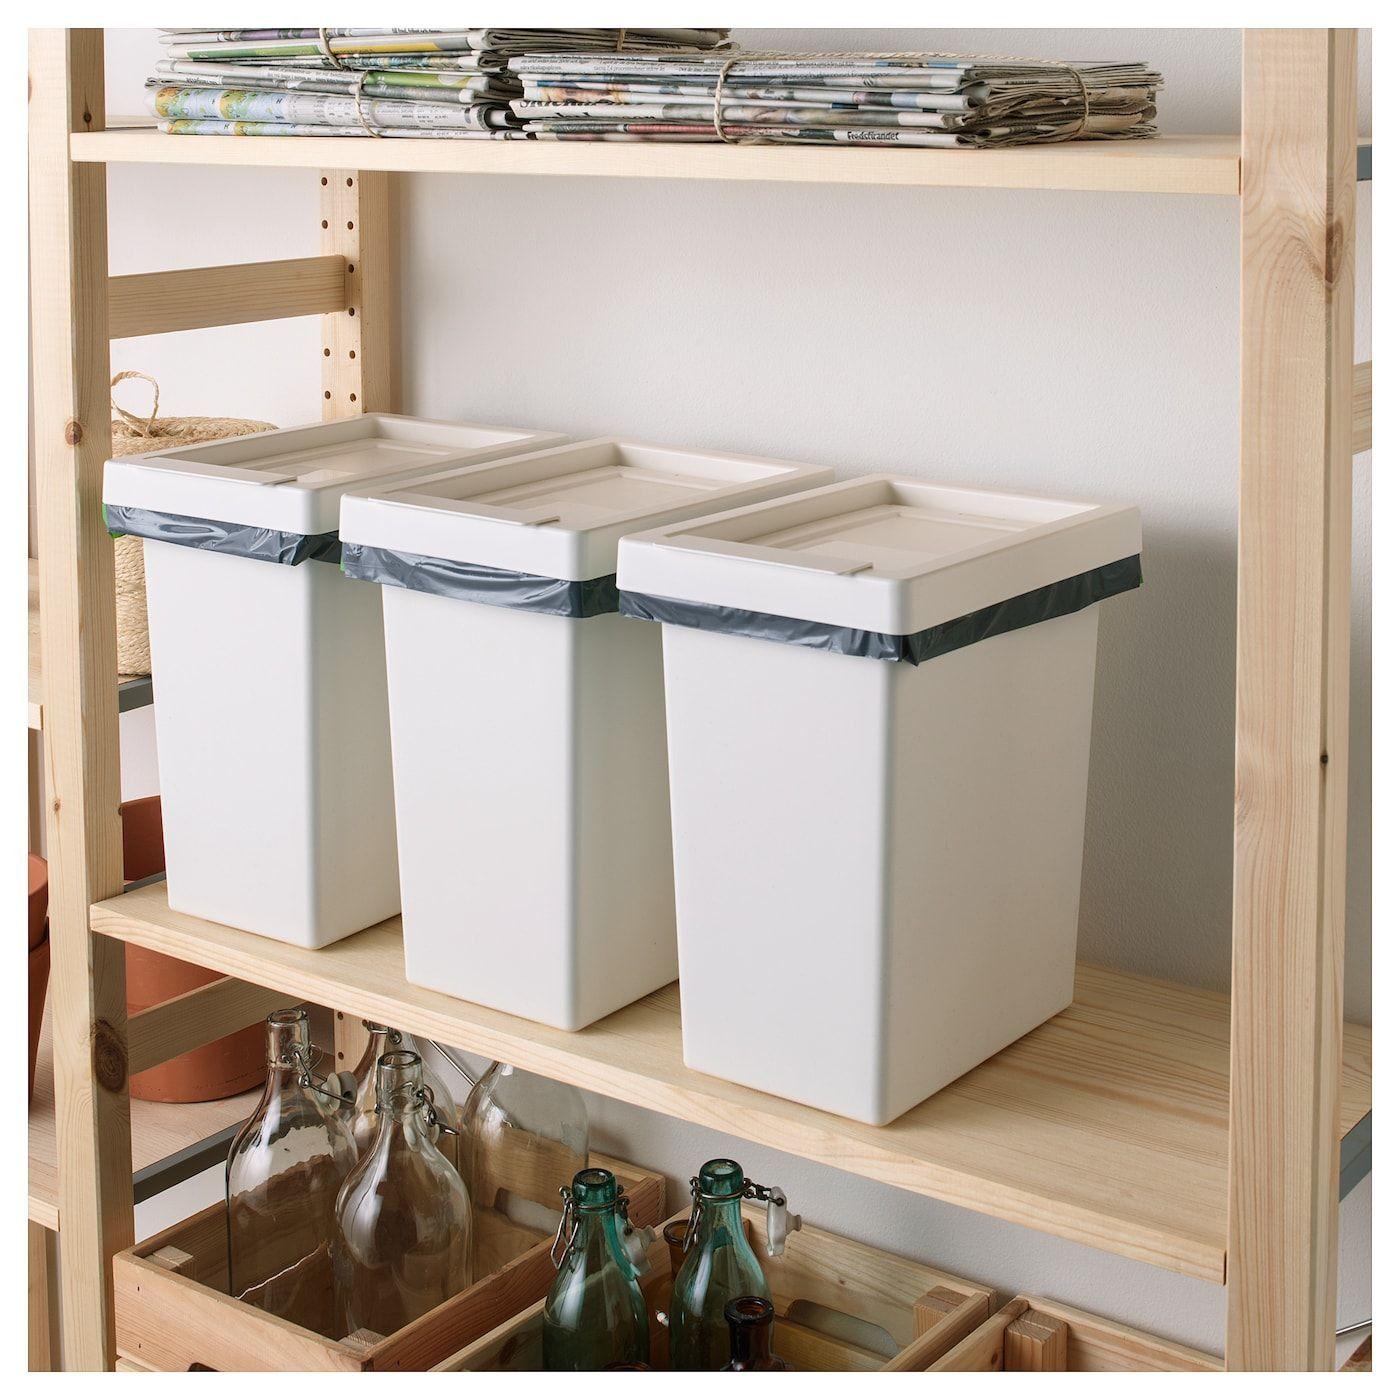 Per il brand svedese quello dei mobili contenitori per la camera da letto è un tema caldo. Ispiratore Accessori Interni Per Mobili Cucina Ikea Mulltrennung Ikea Mulltrennung